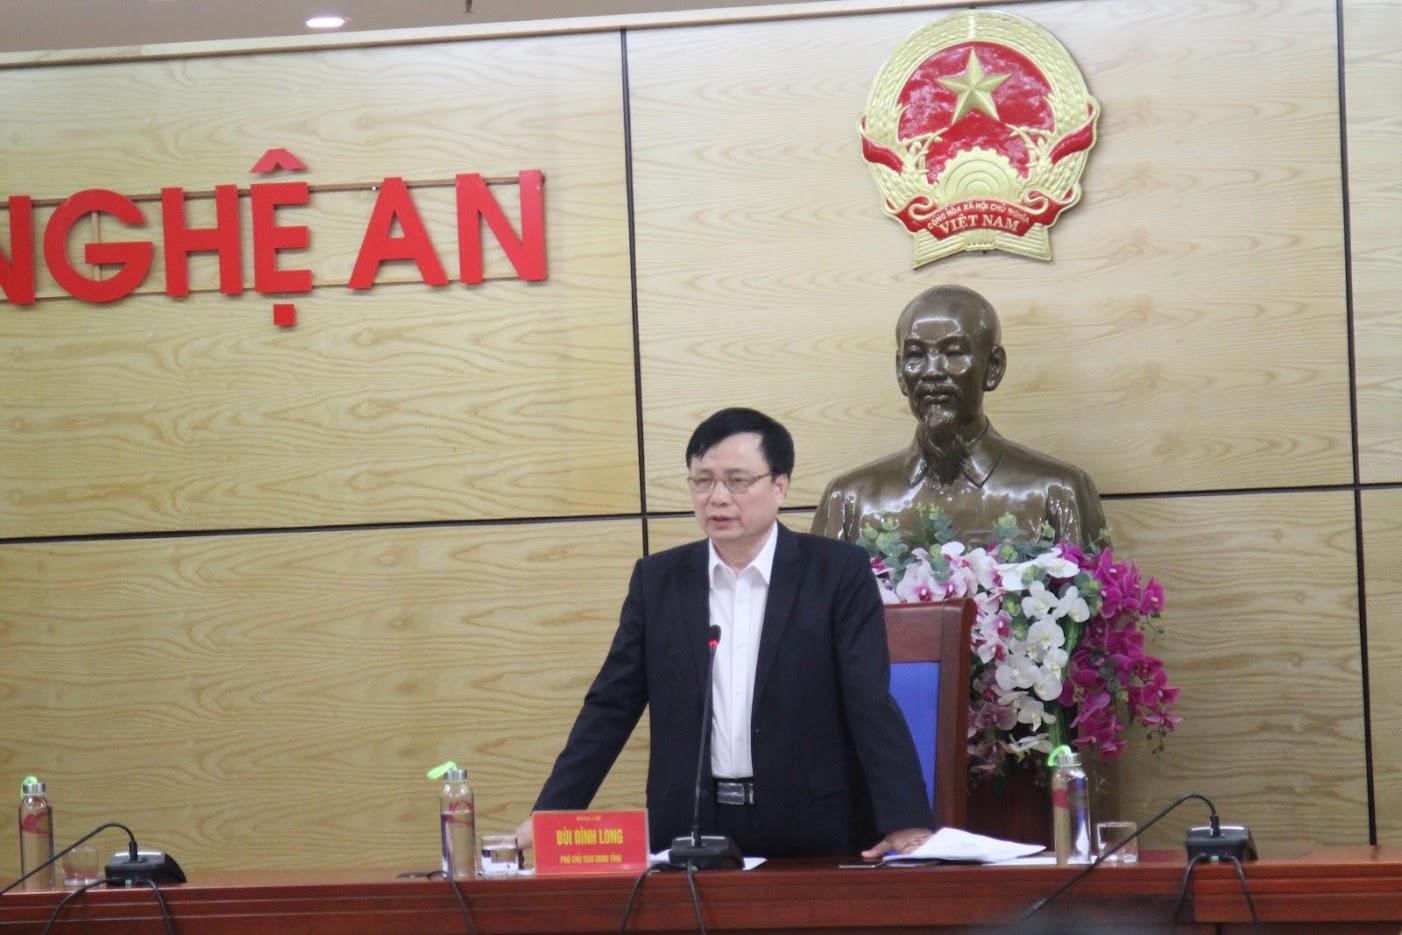 Đồng chí Bùi Đình Long – Phó Chủ tịch UBND tỉnh Nghệ An chủ trì buổi họp